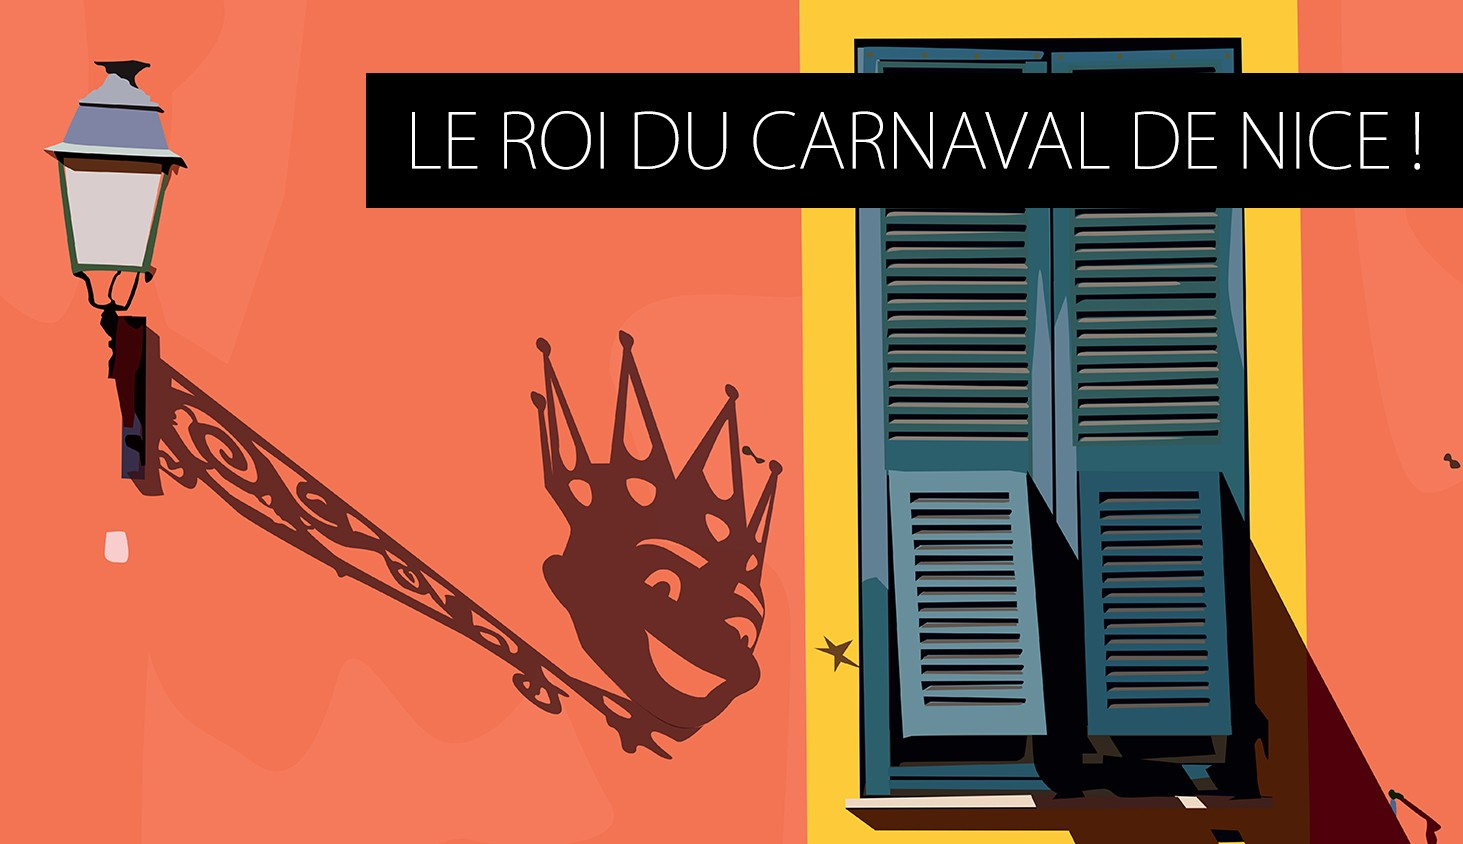 Affiche le roi du carnaval de Nice !